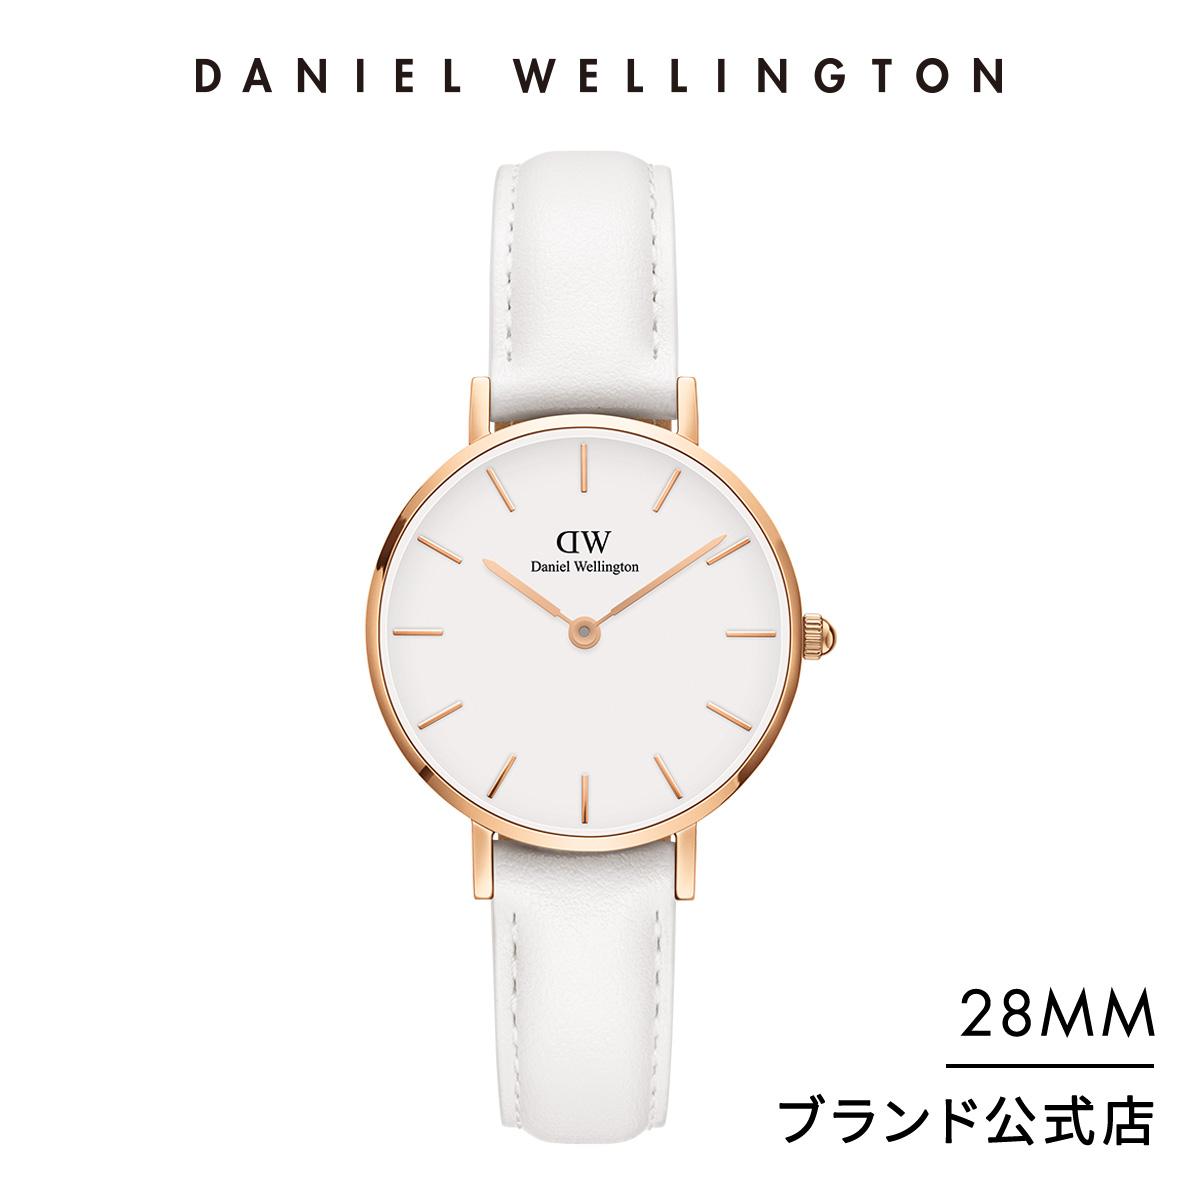 【公式2年保証/送料無料】ダニエルウェリントン公式 レディース 腕時計 Petite Bondi 28mm 革 ベルト クラシック ぺティート ボンダイ DW プレゼント おしゃれ インスタ映え ブランド 彼女 彼氏 ペアスタイルに最適 ウォッチ